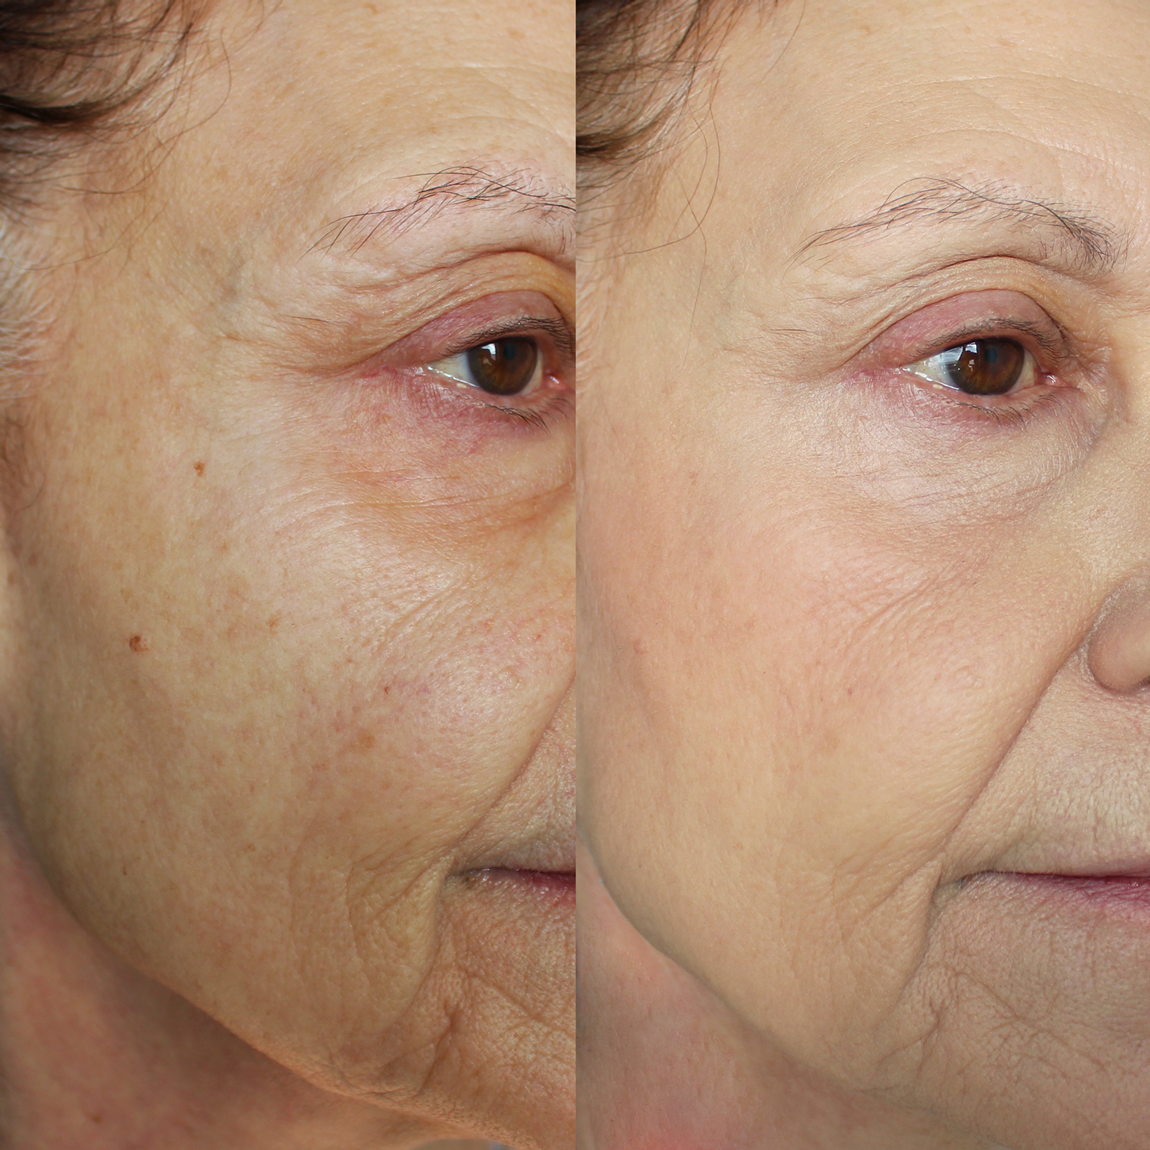 Prima e dopo l'applicazione del fondotinta Neve Cosmetics su pelle matura